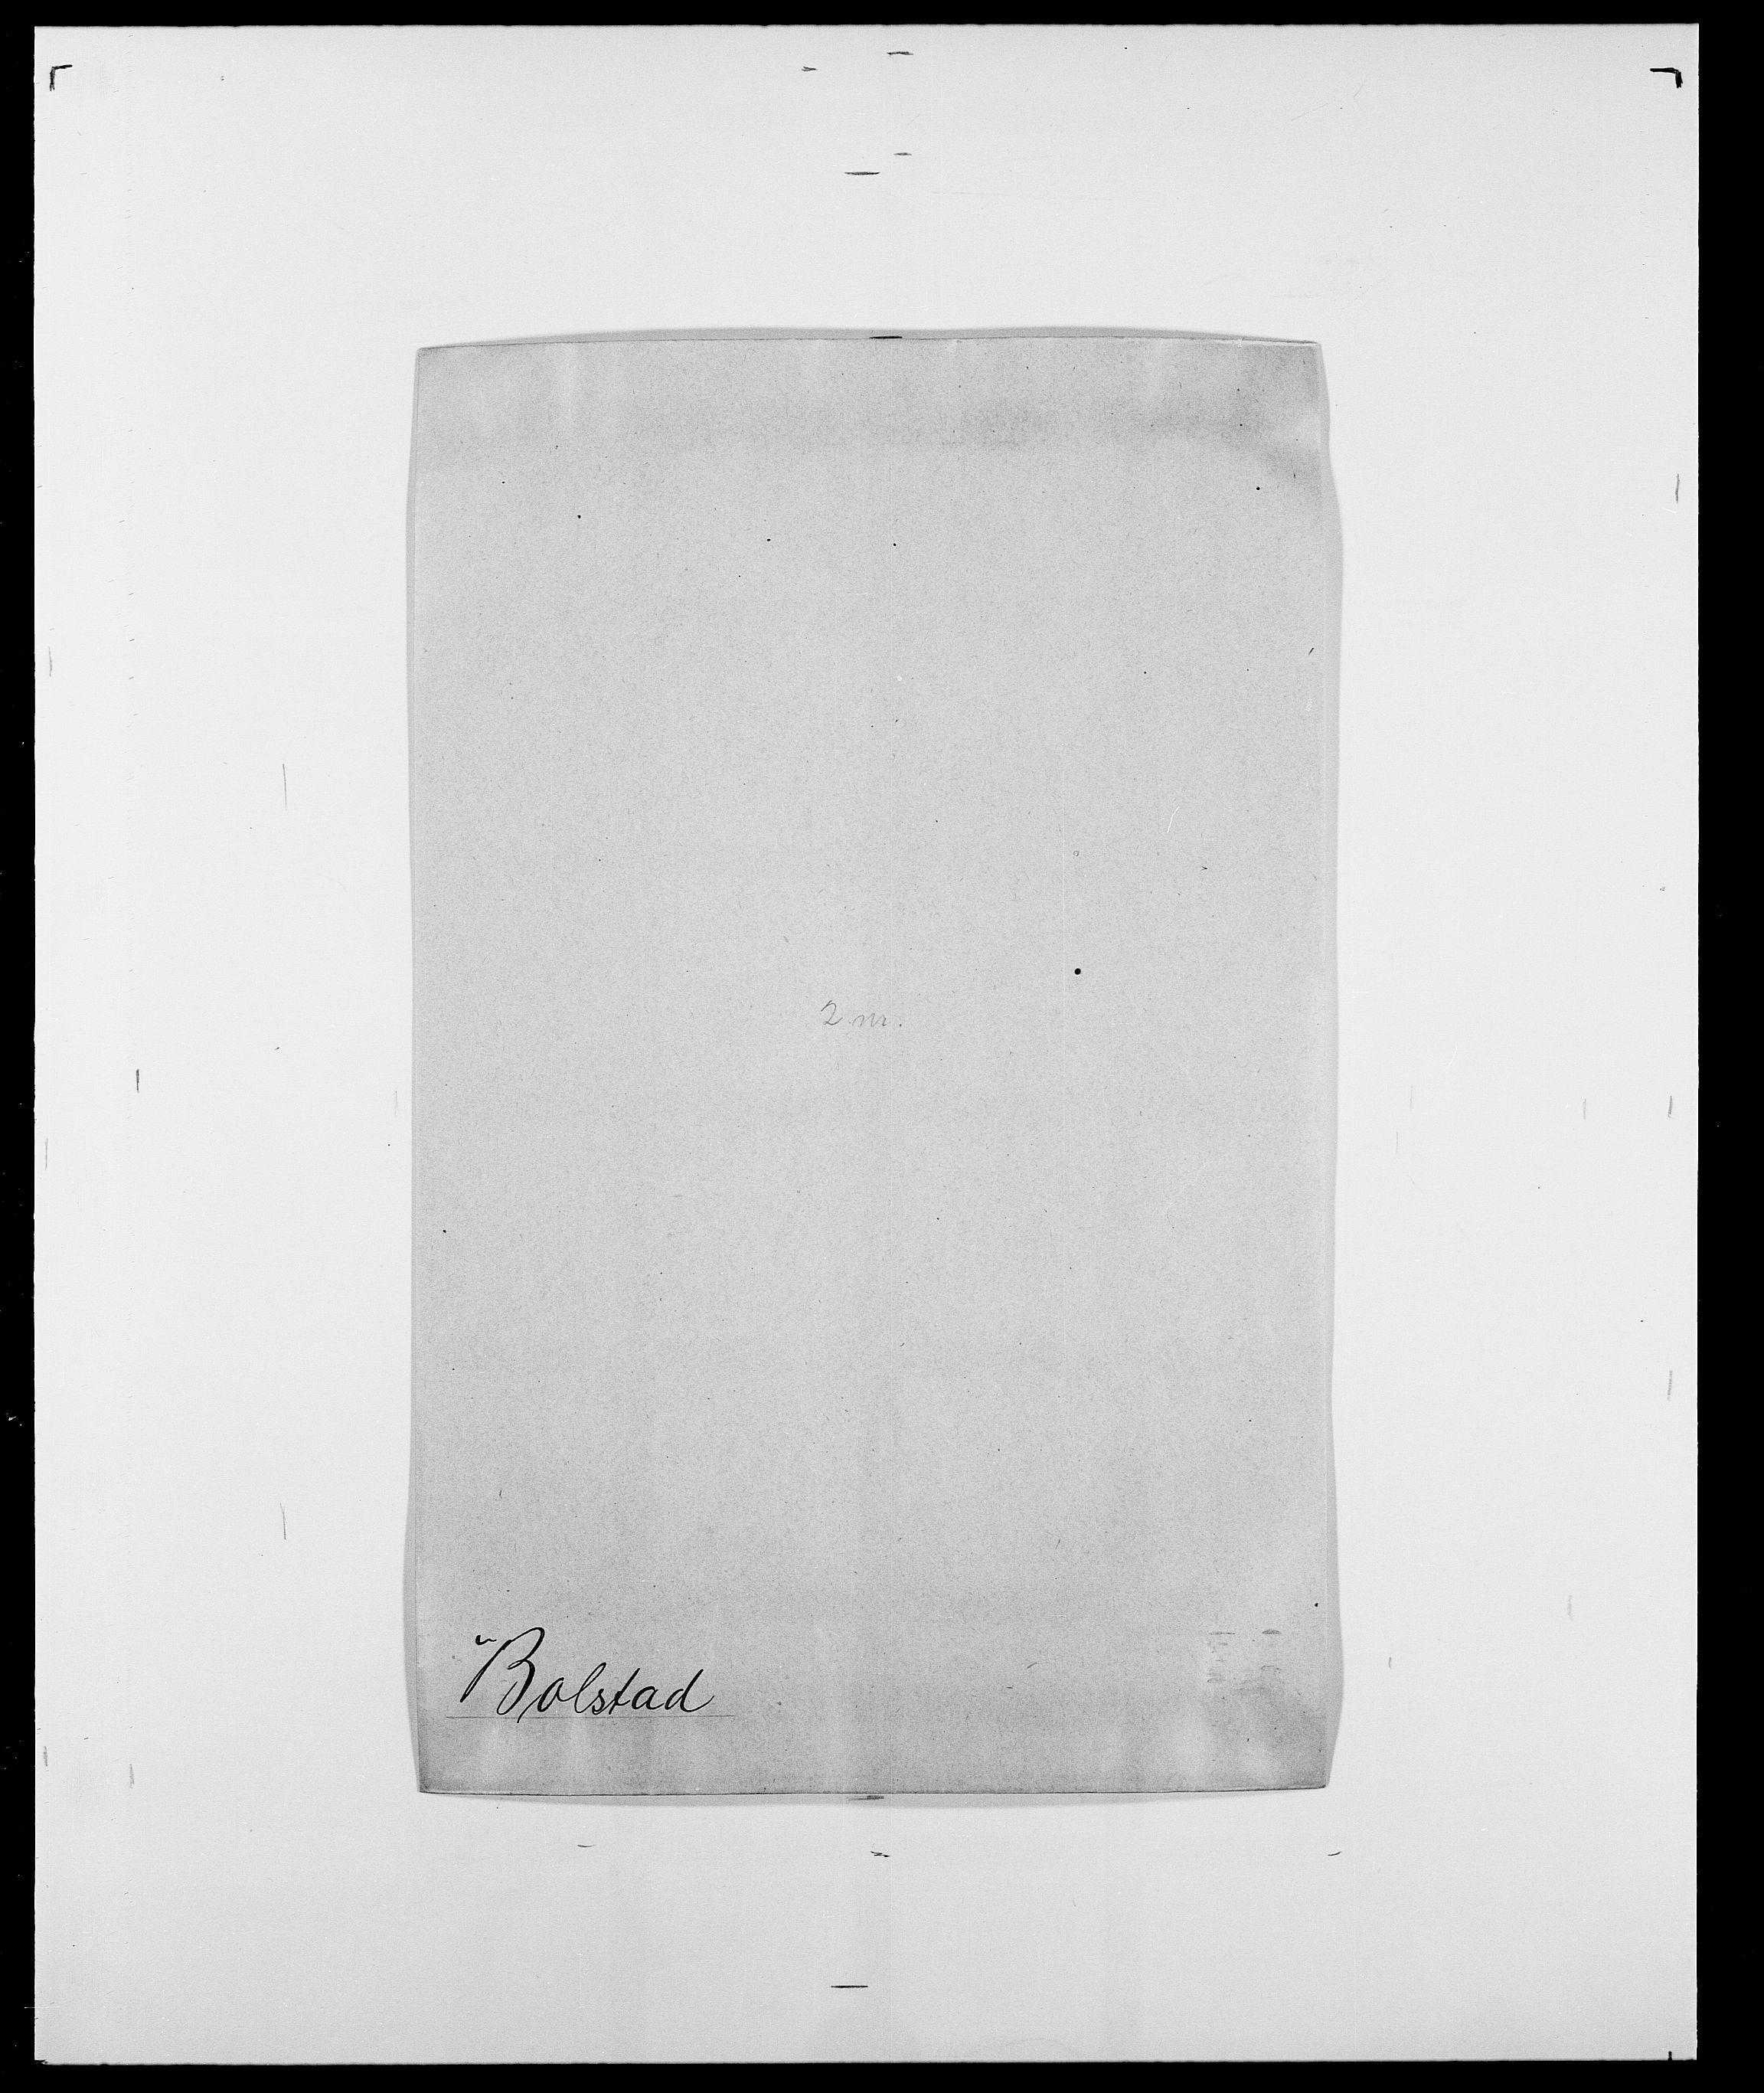 SAO, Delgobe, Charles Antoine - samling, D/Da/L0005: Boalth - Brahm, s. 91